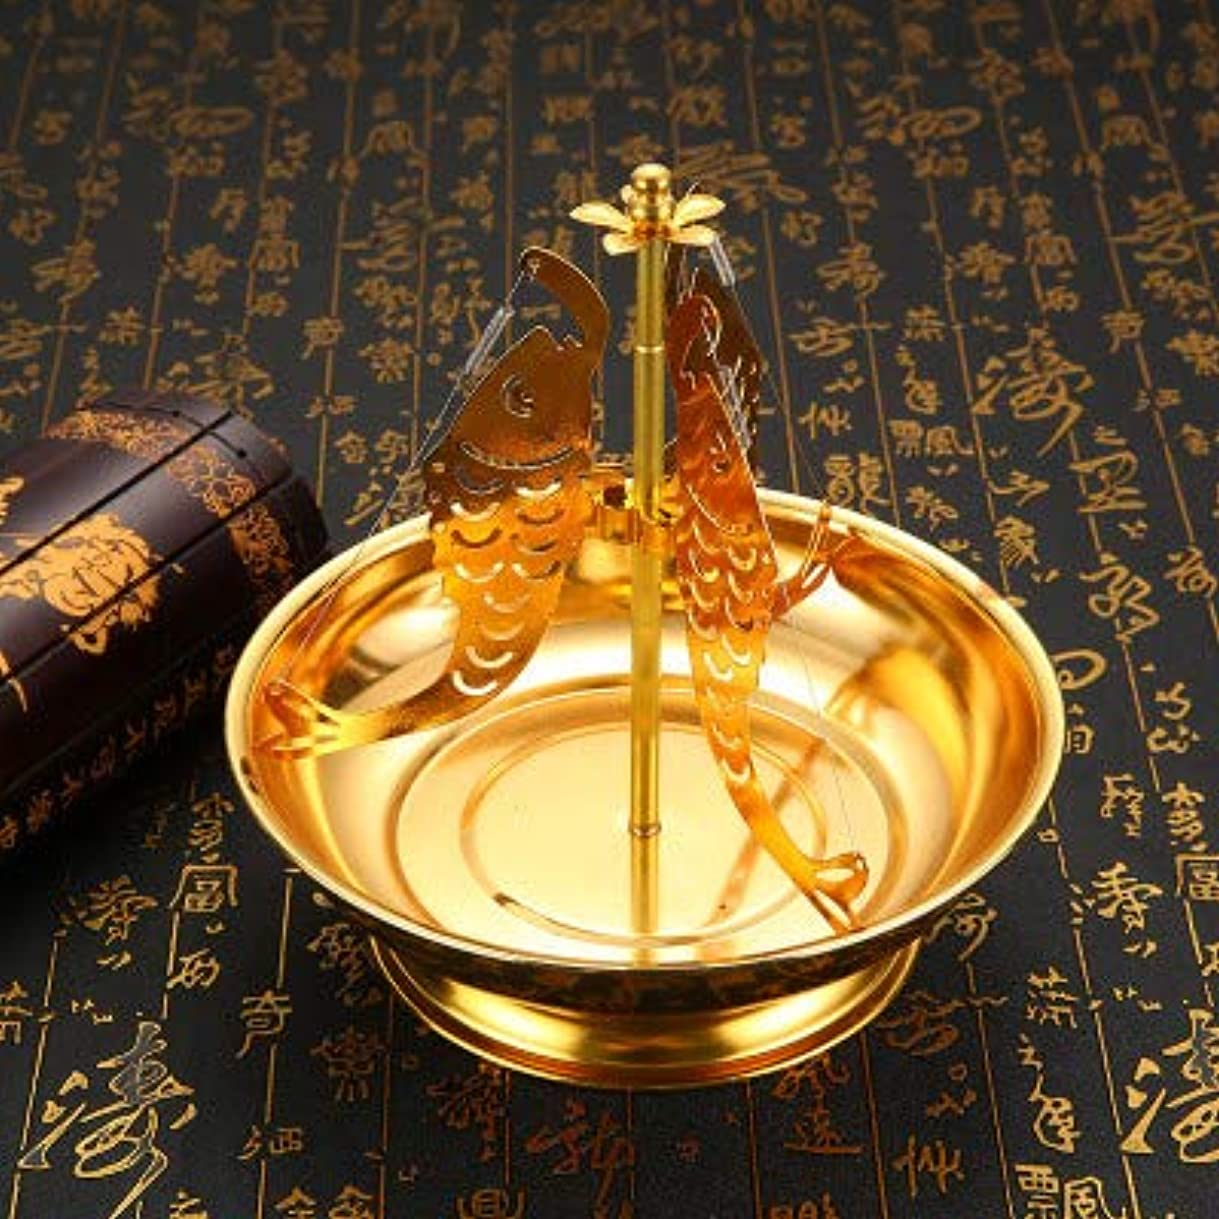 確実慣習なぜPHILOGOD 合金香炉 香立て 鯉のスタイリング線香立て 香皿 (Gold)